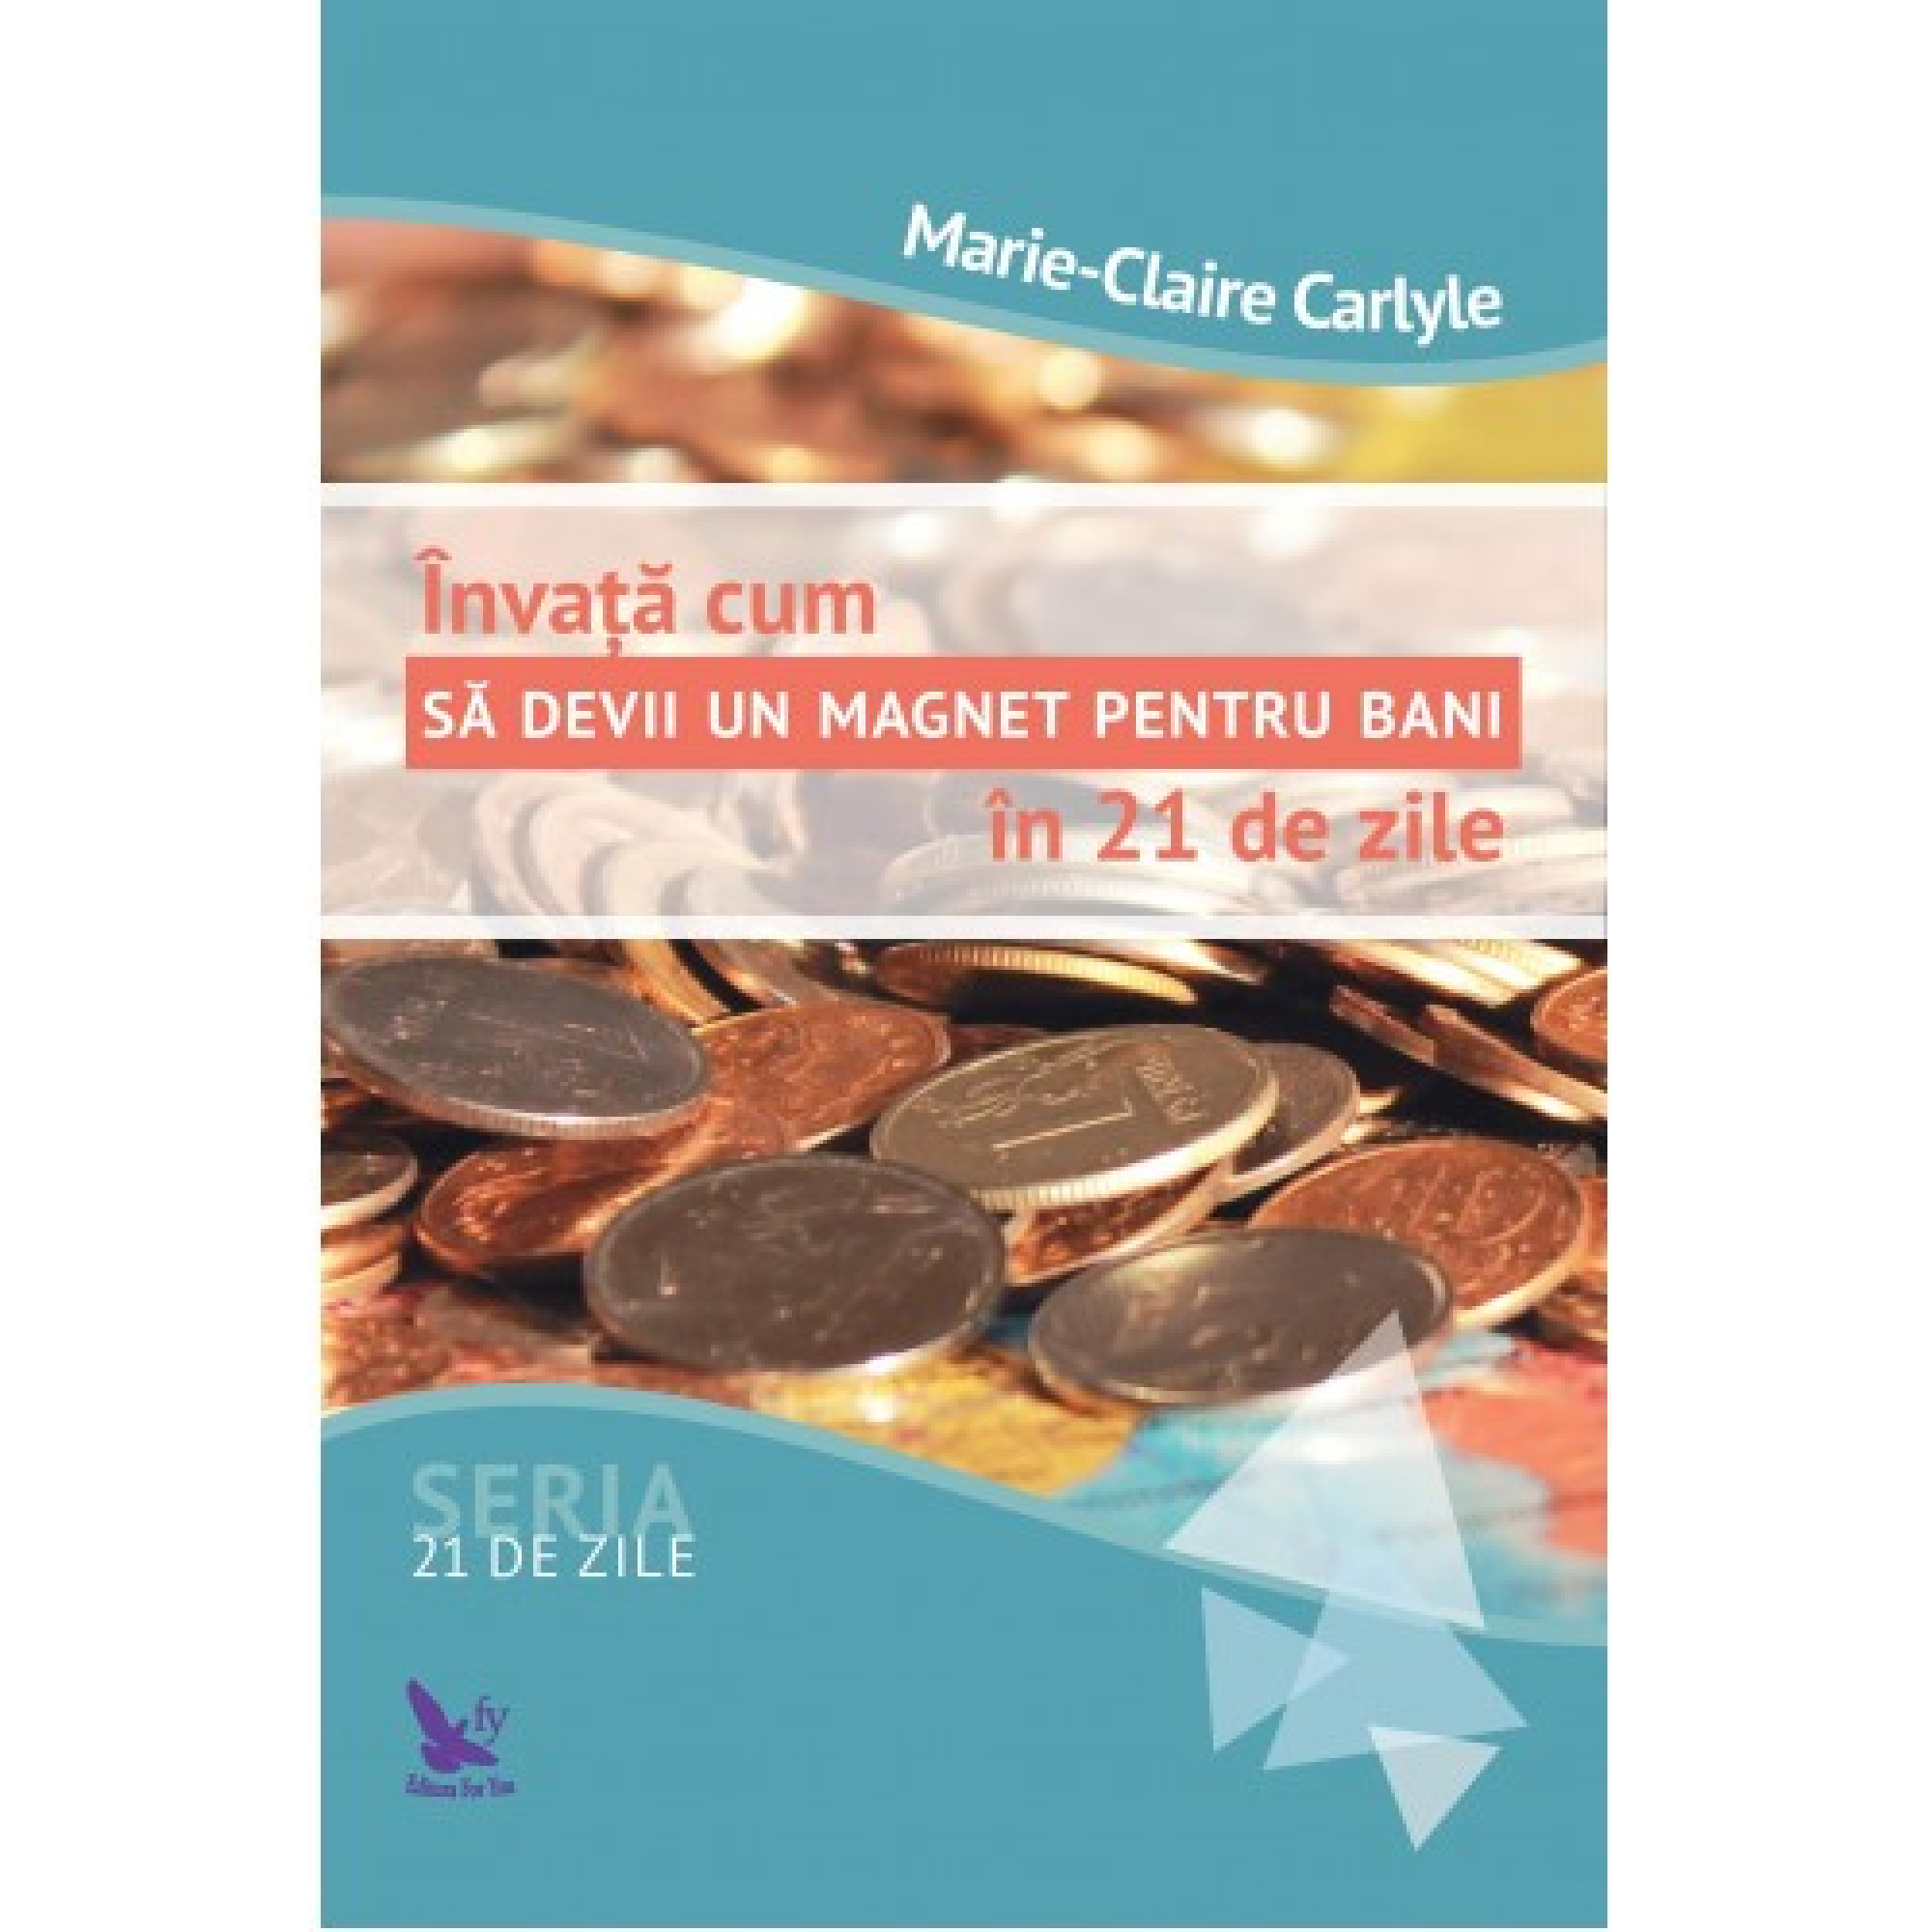 Învață cum să devii un magnet pentru bani în 21 de zile; Marie-Claire Carlyle